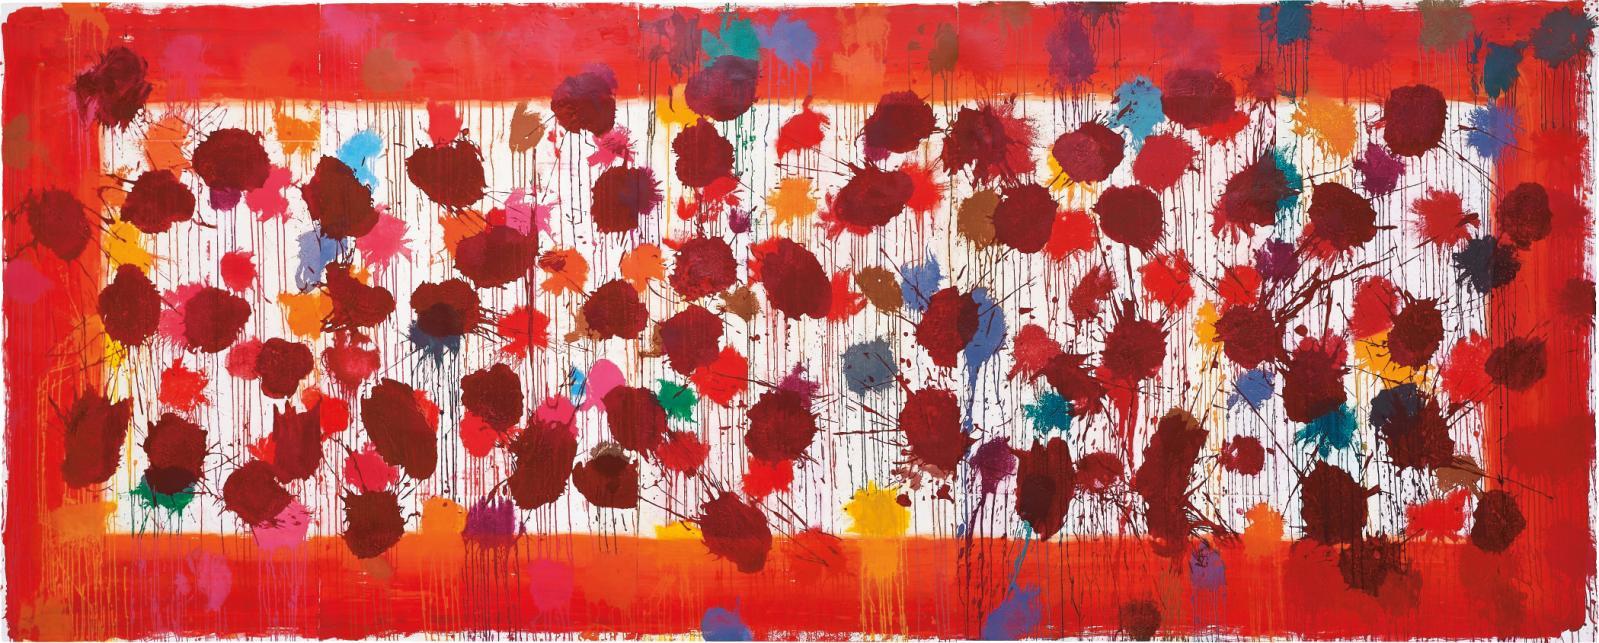 Howard Hodgkin (né en 1932), As Time Goes By (Red),2009, aquatinte en couleurs avec carborundum et peinture à la main, sur cinq feuilles de papier Mo